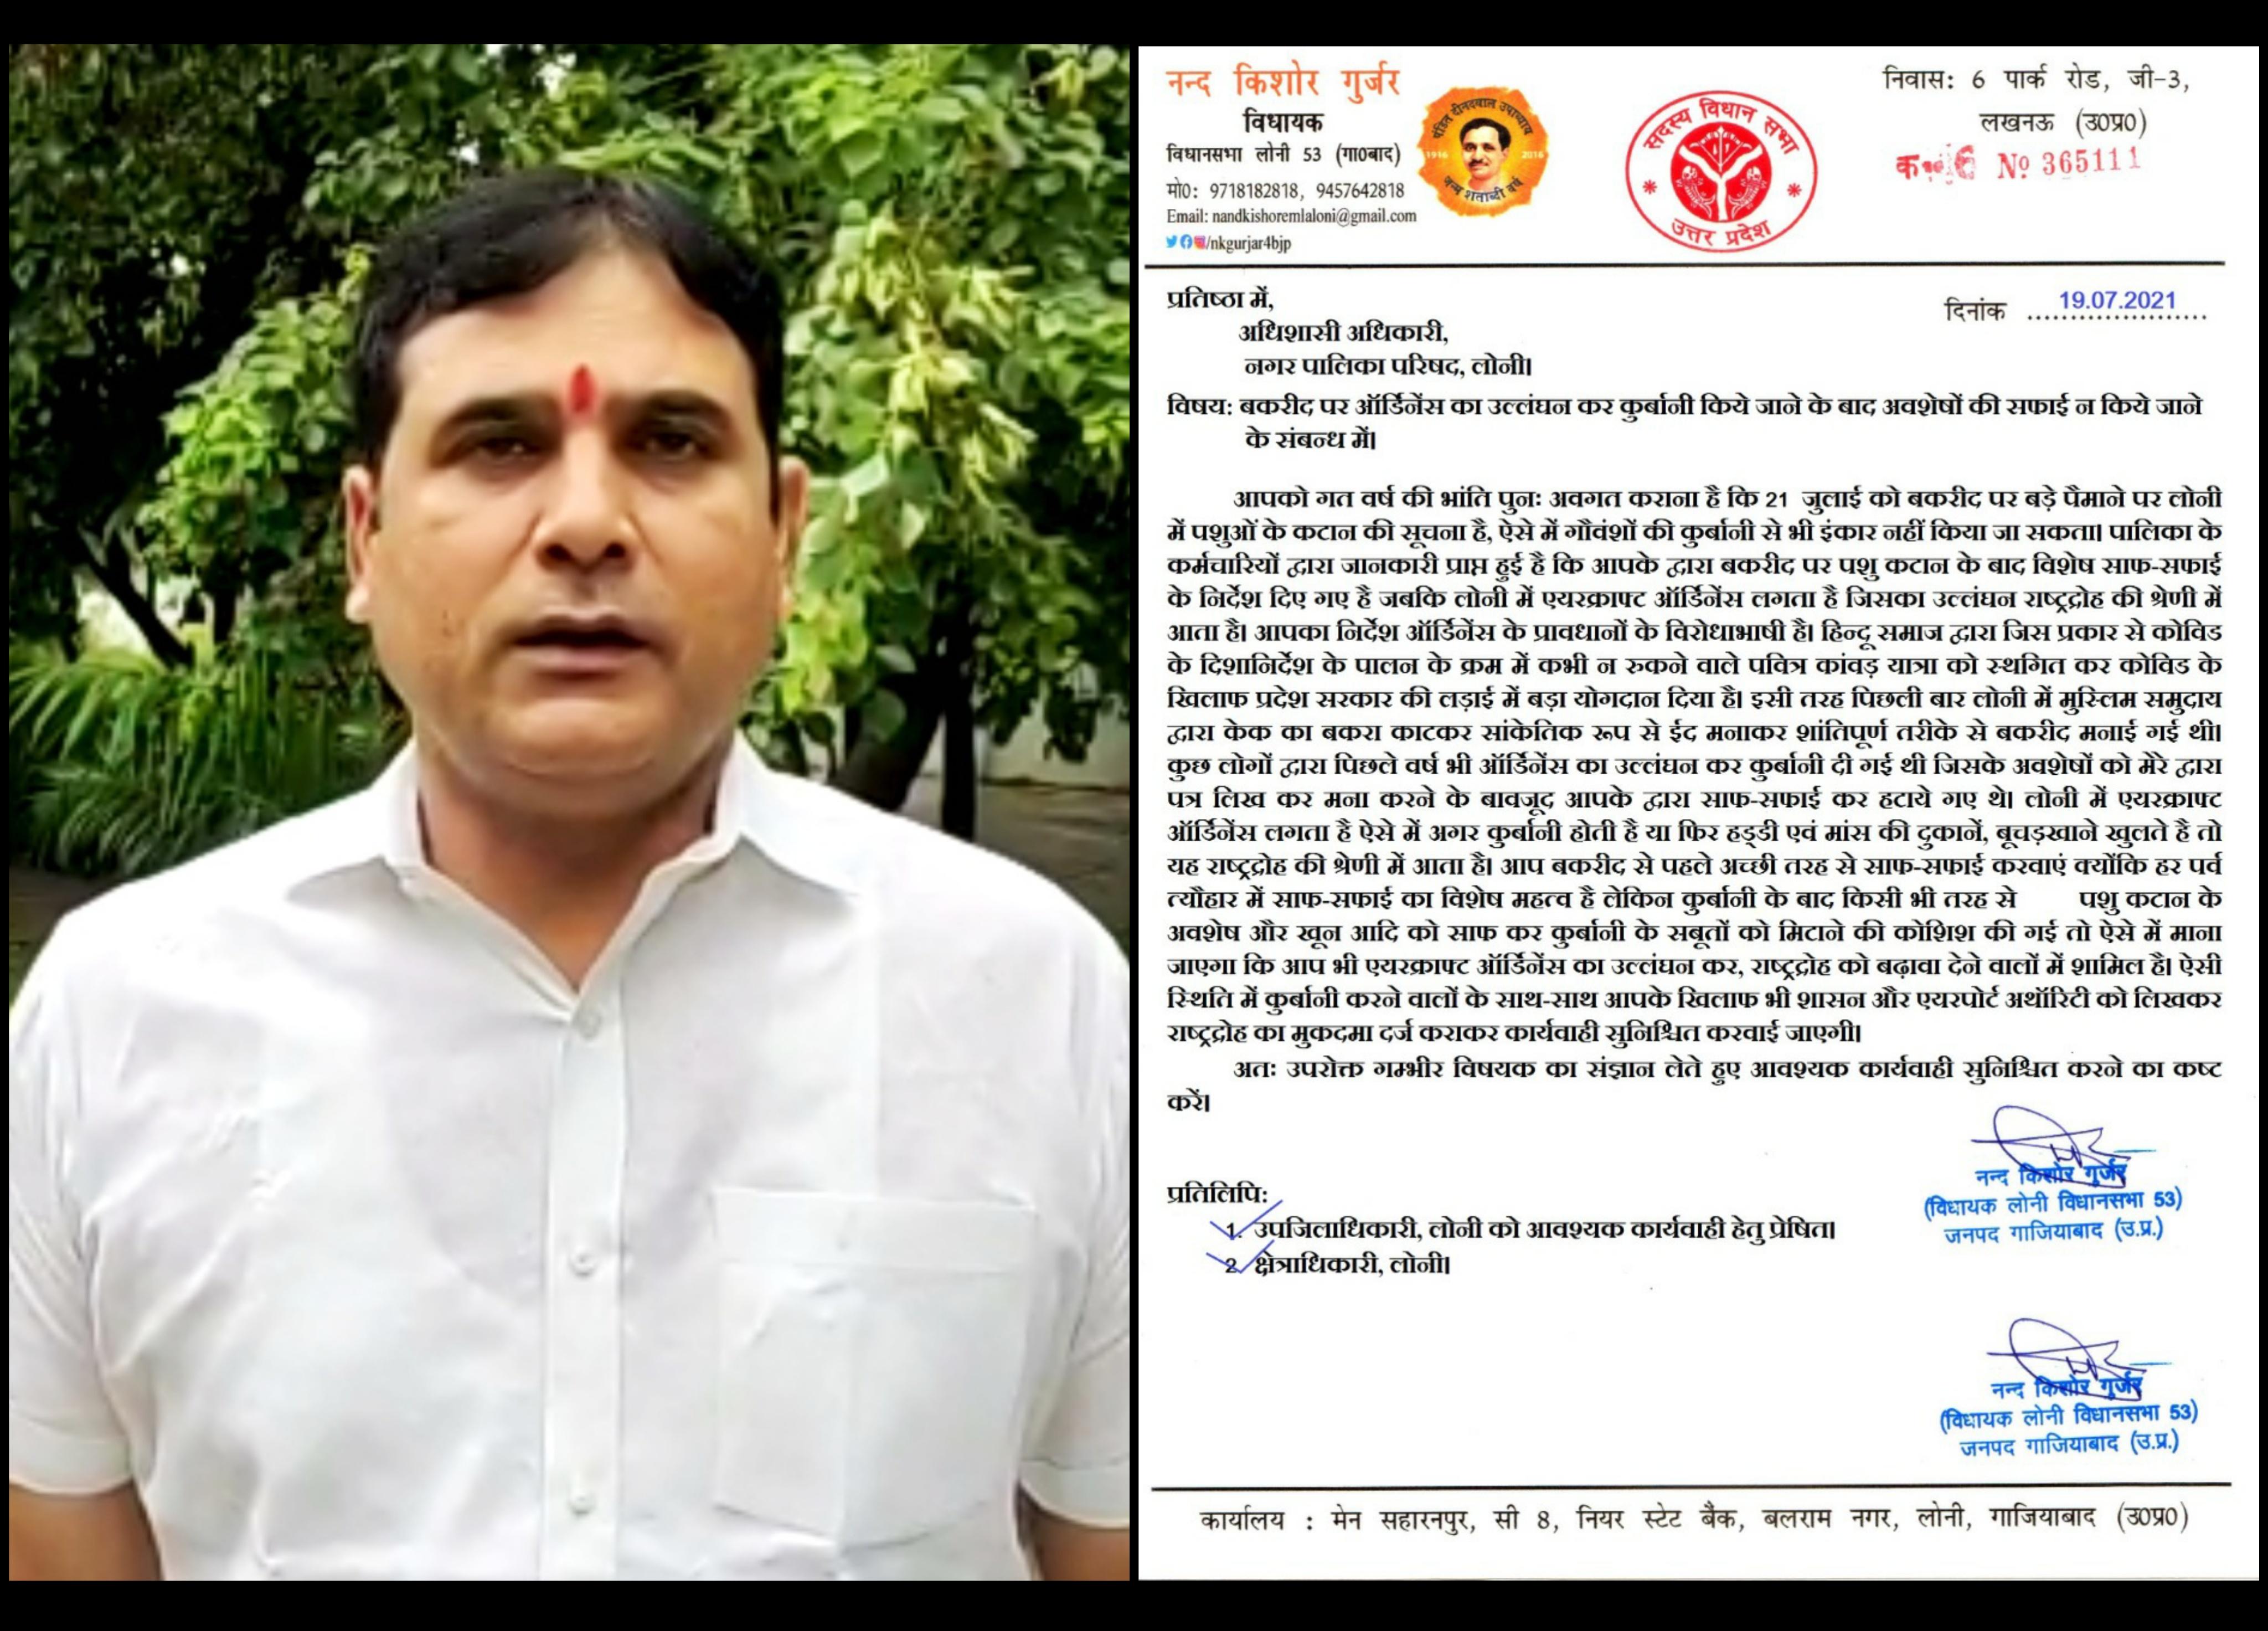 गाजियाबाद के लोनी से भाजपा विधायक नंदकिशोर गुर्जर ने पत्र लिखकर नगरपालिका को दी हिदायत। - Dainik Bhaskar